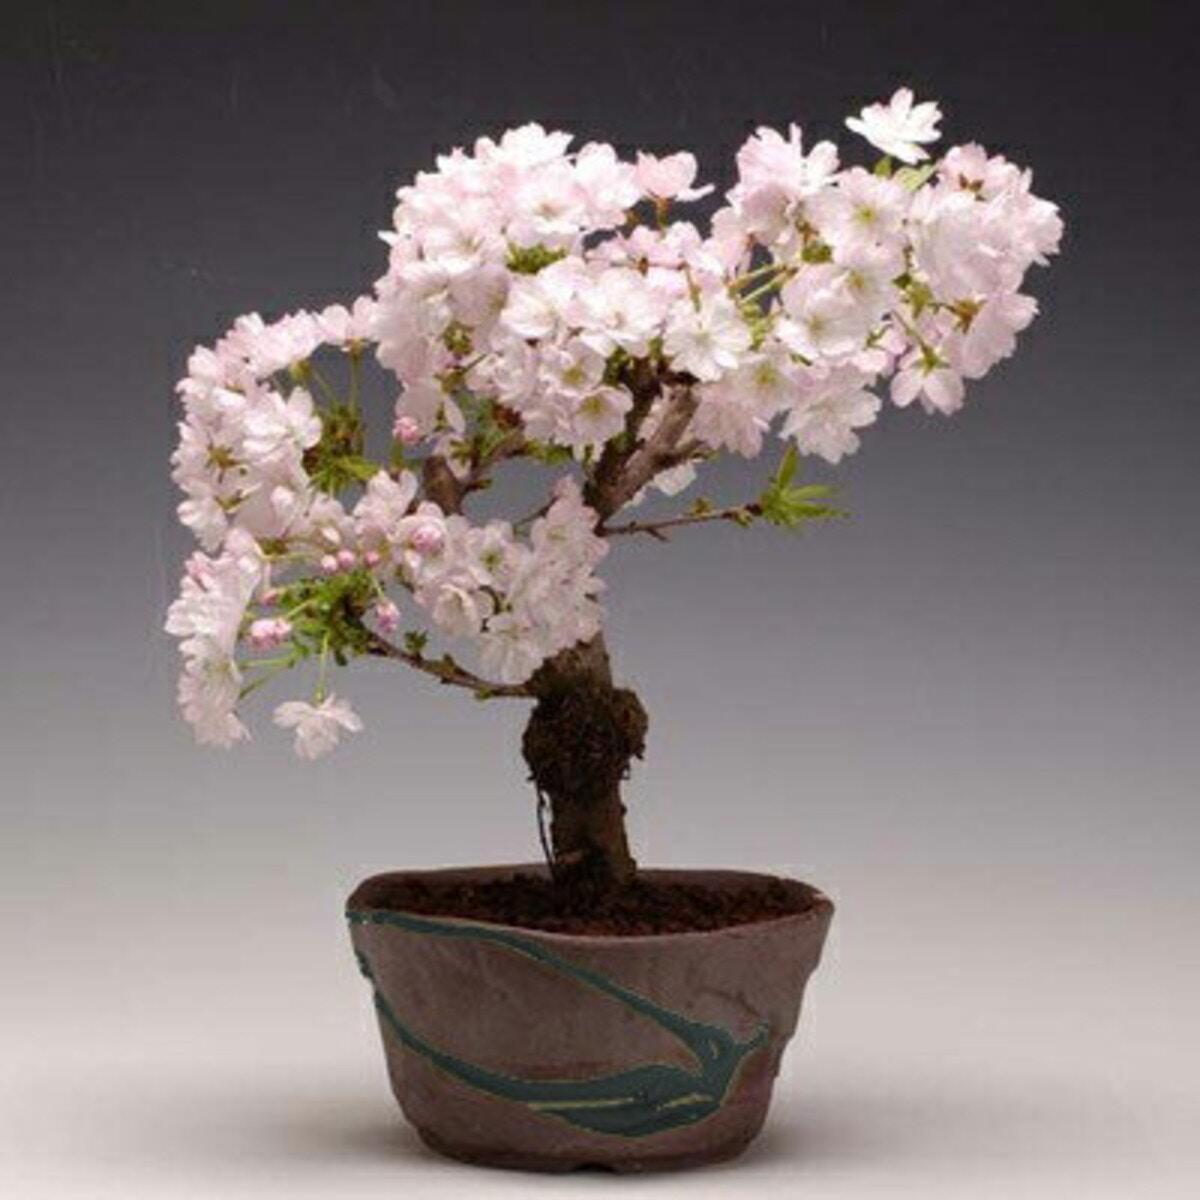 桜盆栽:八重桜(瀬戸鉢)